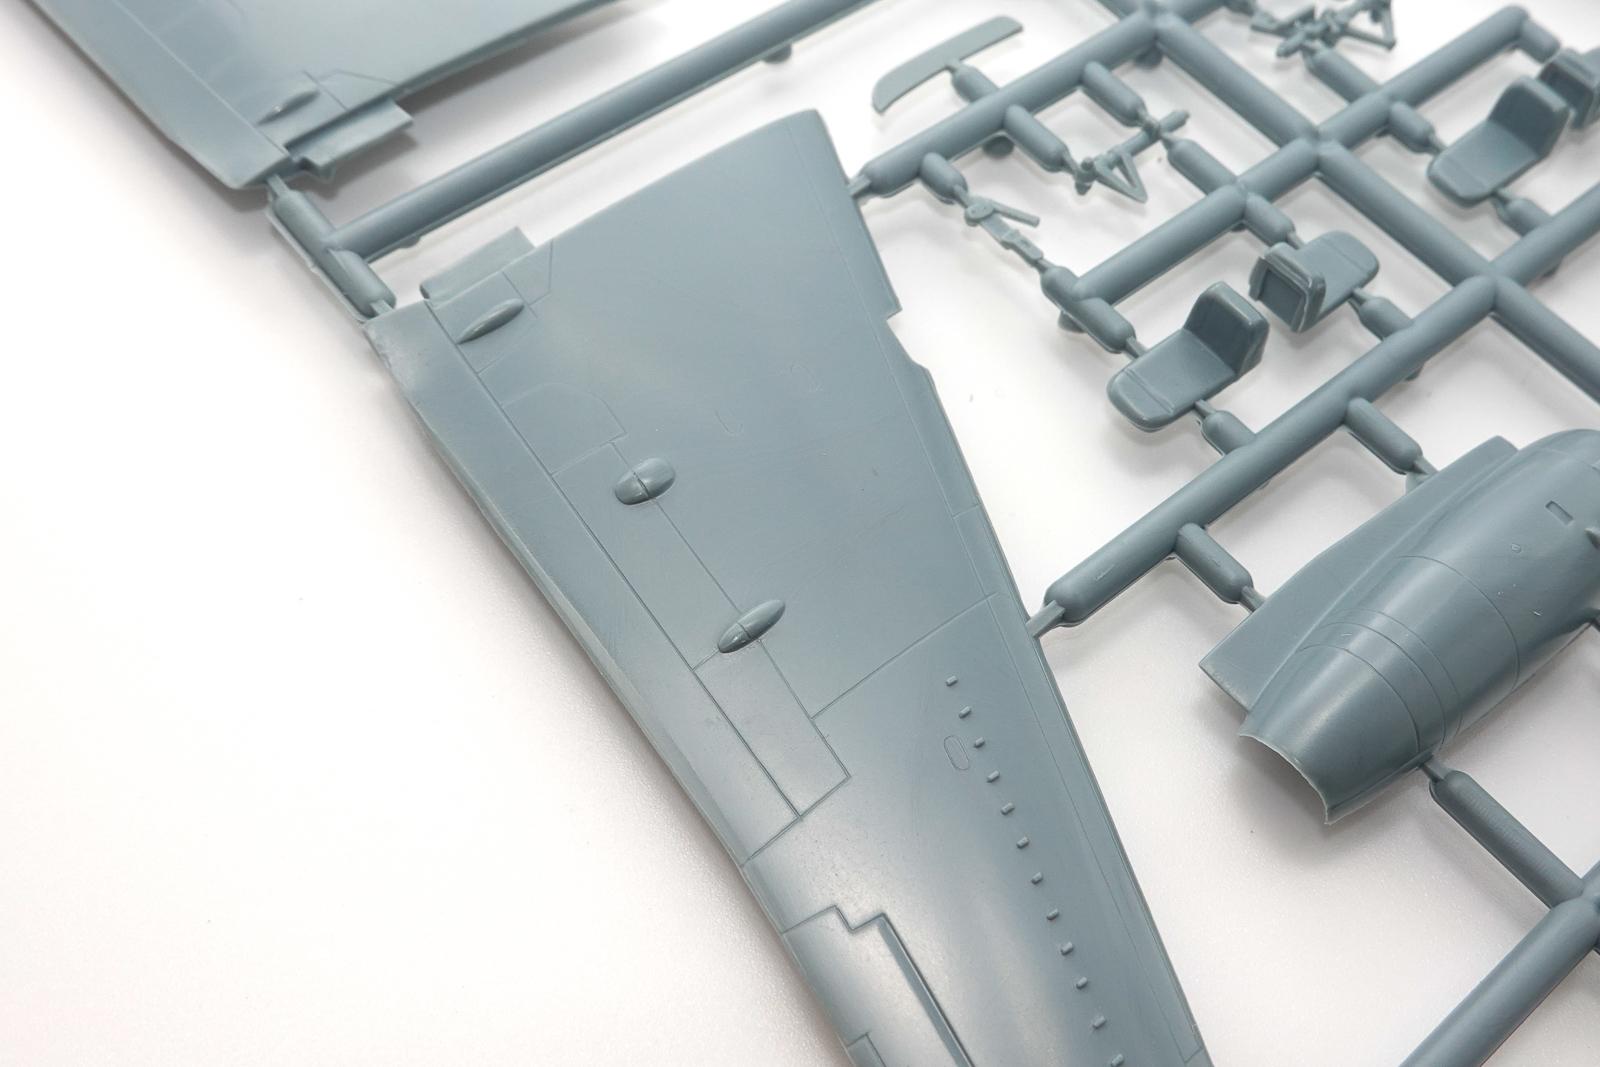 ソード 1/72 航空自衛隊 U-125 プラモデル パーツアップ 2